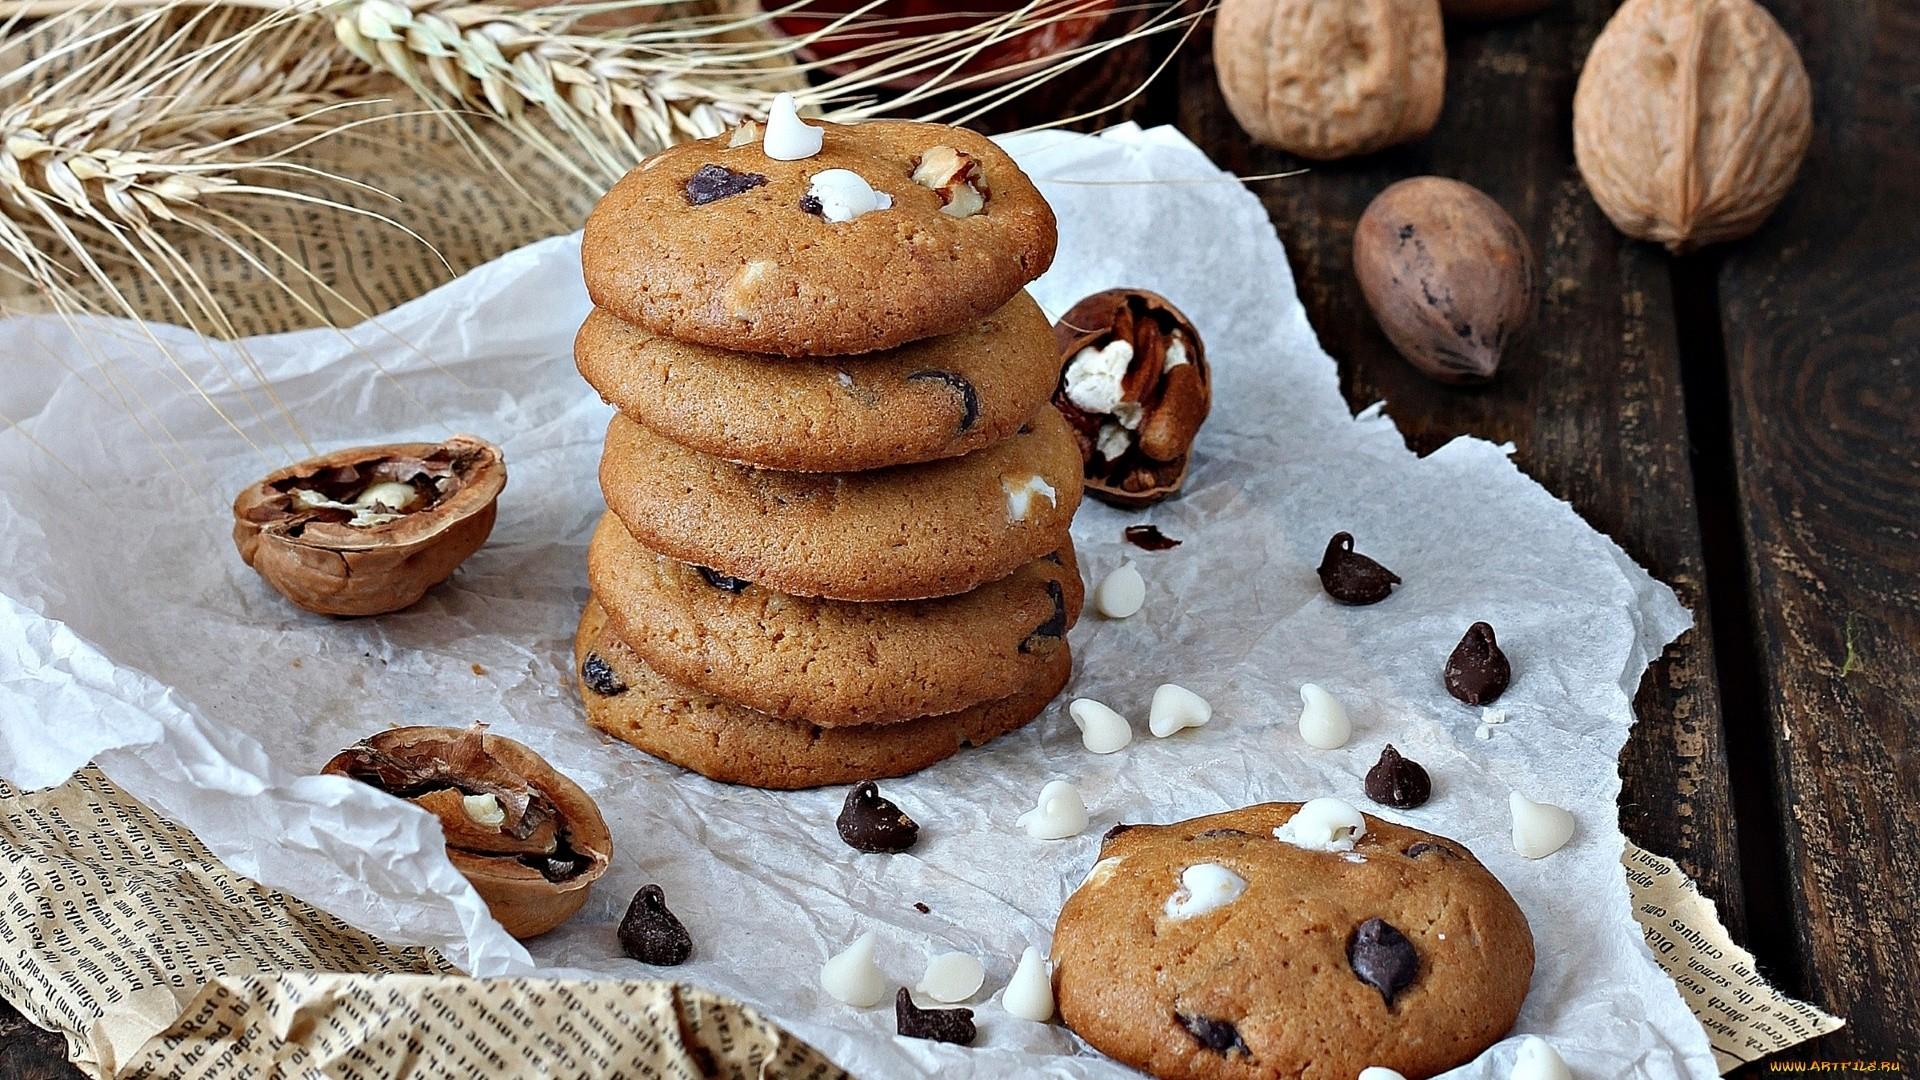 Cookies hd desktop wallpaper